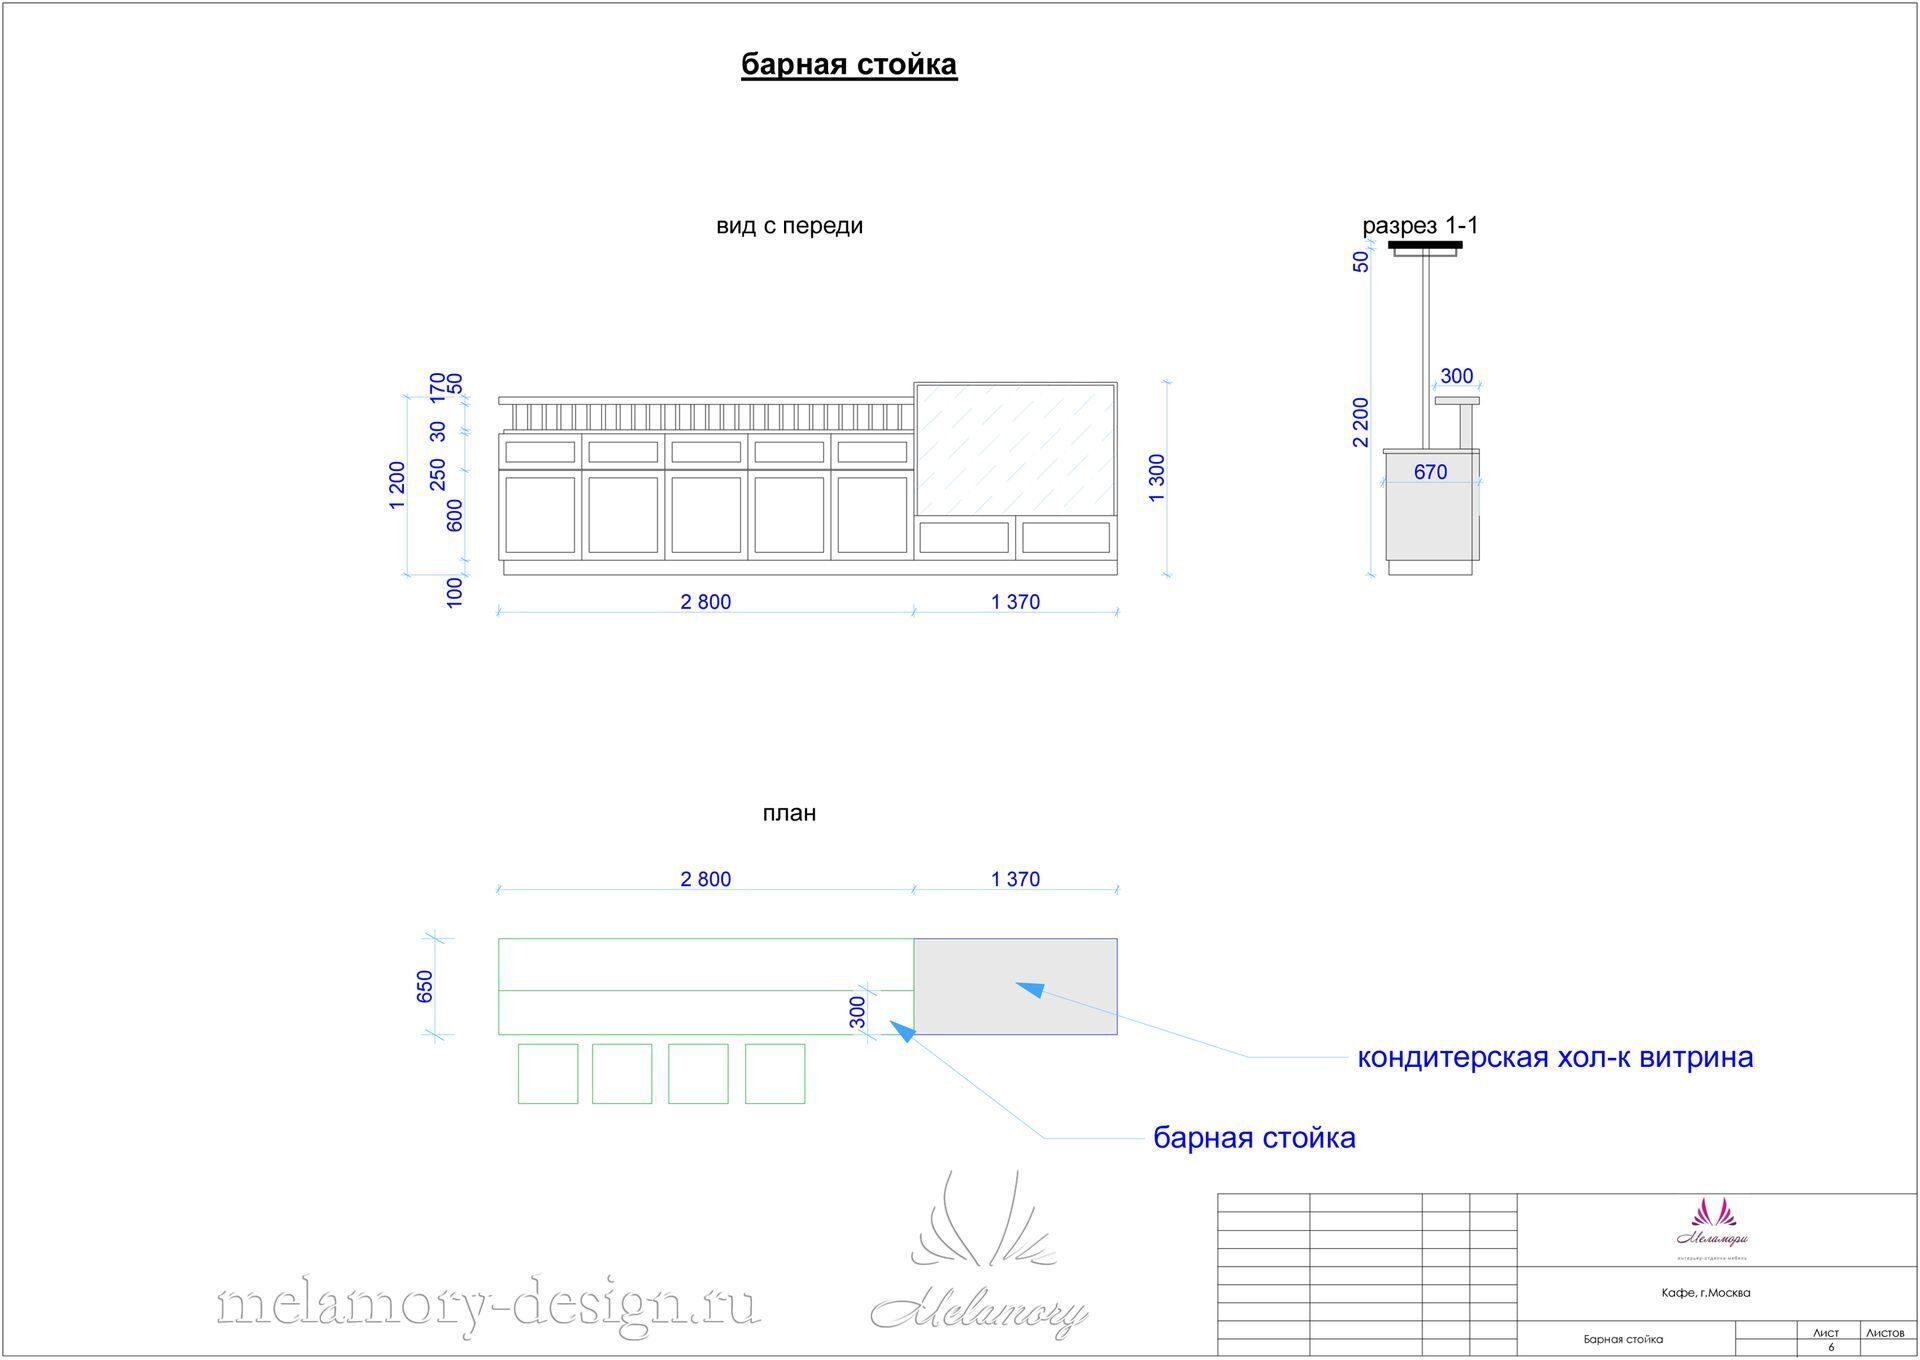 Барная стойка для кухни: фото, чертежи, видео 88